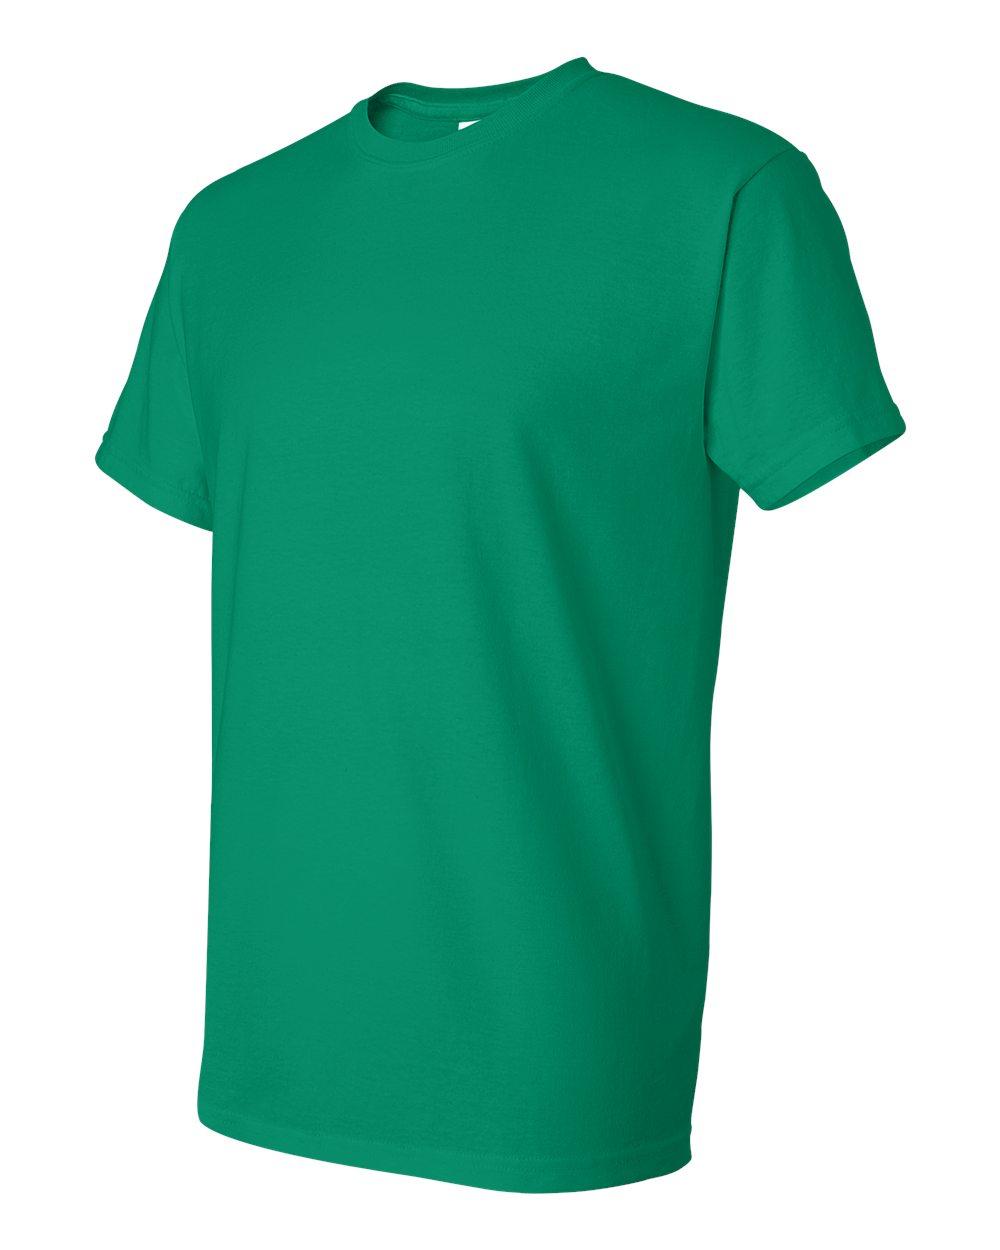 Gildan-Mens-DryBlend-5-6-oz-50-50-T-Shirt-G800-Size-S-5XL thumbnail 44